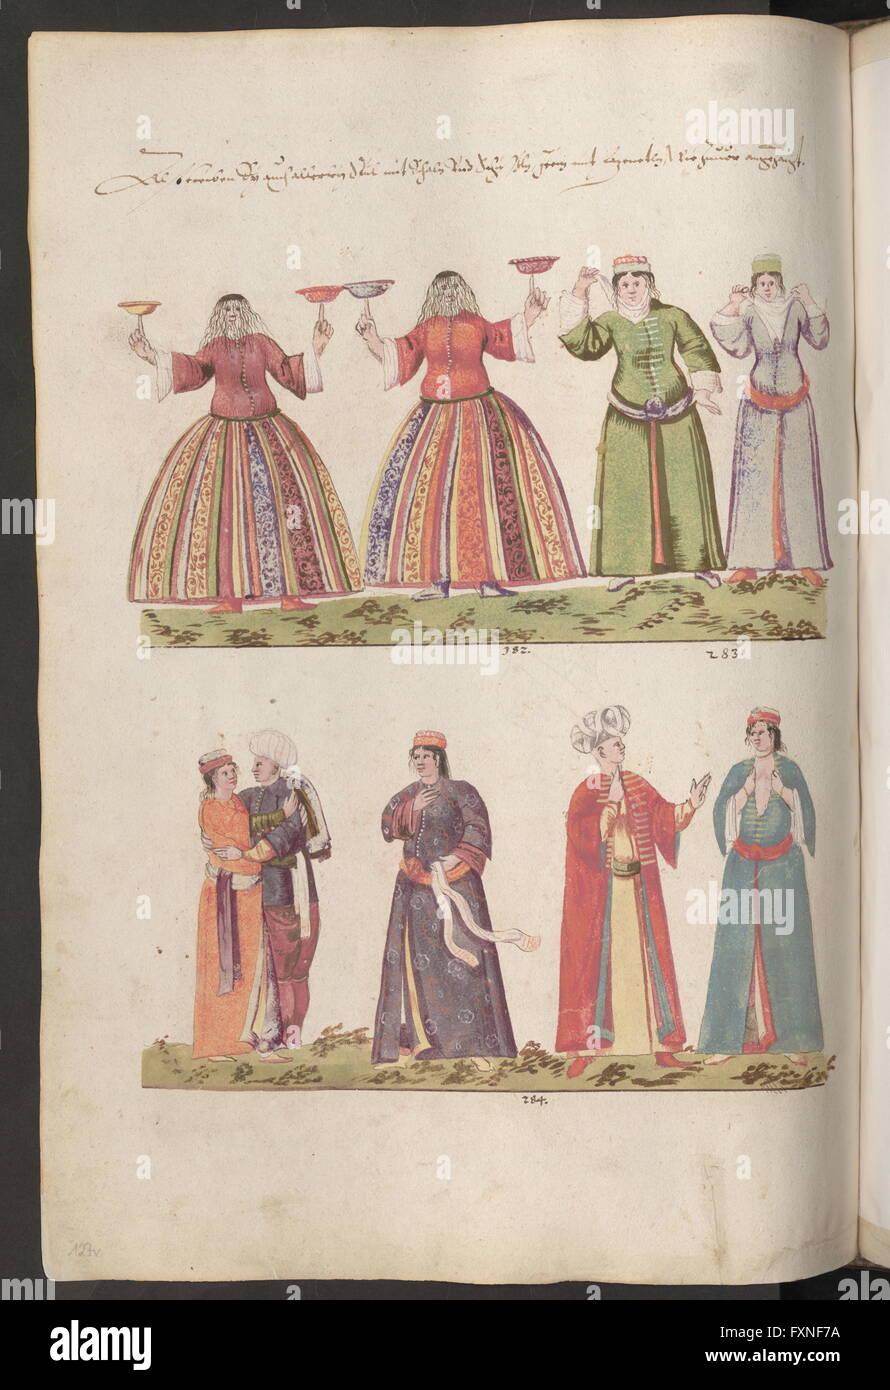 Cod. 8615, Fol. 127v: Johannes Lewenklau: Bilder türkischer Herrscher, Soldaten, Hofleute, Städte u. a.: - Stock Image